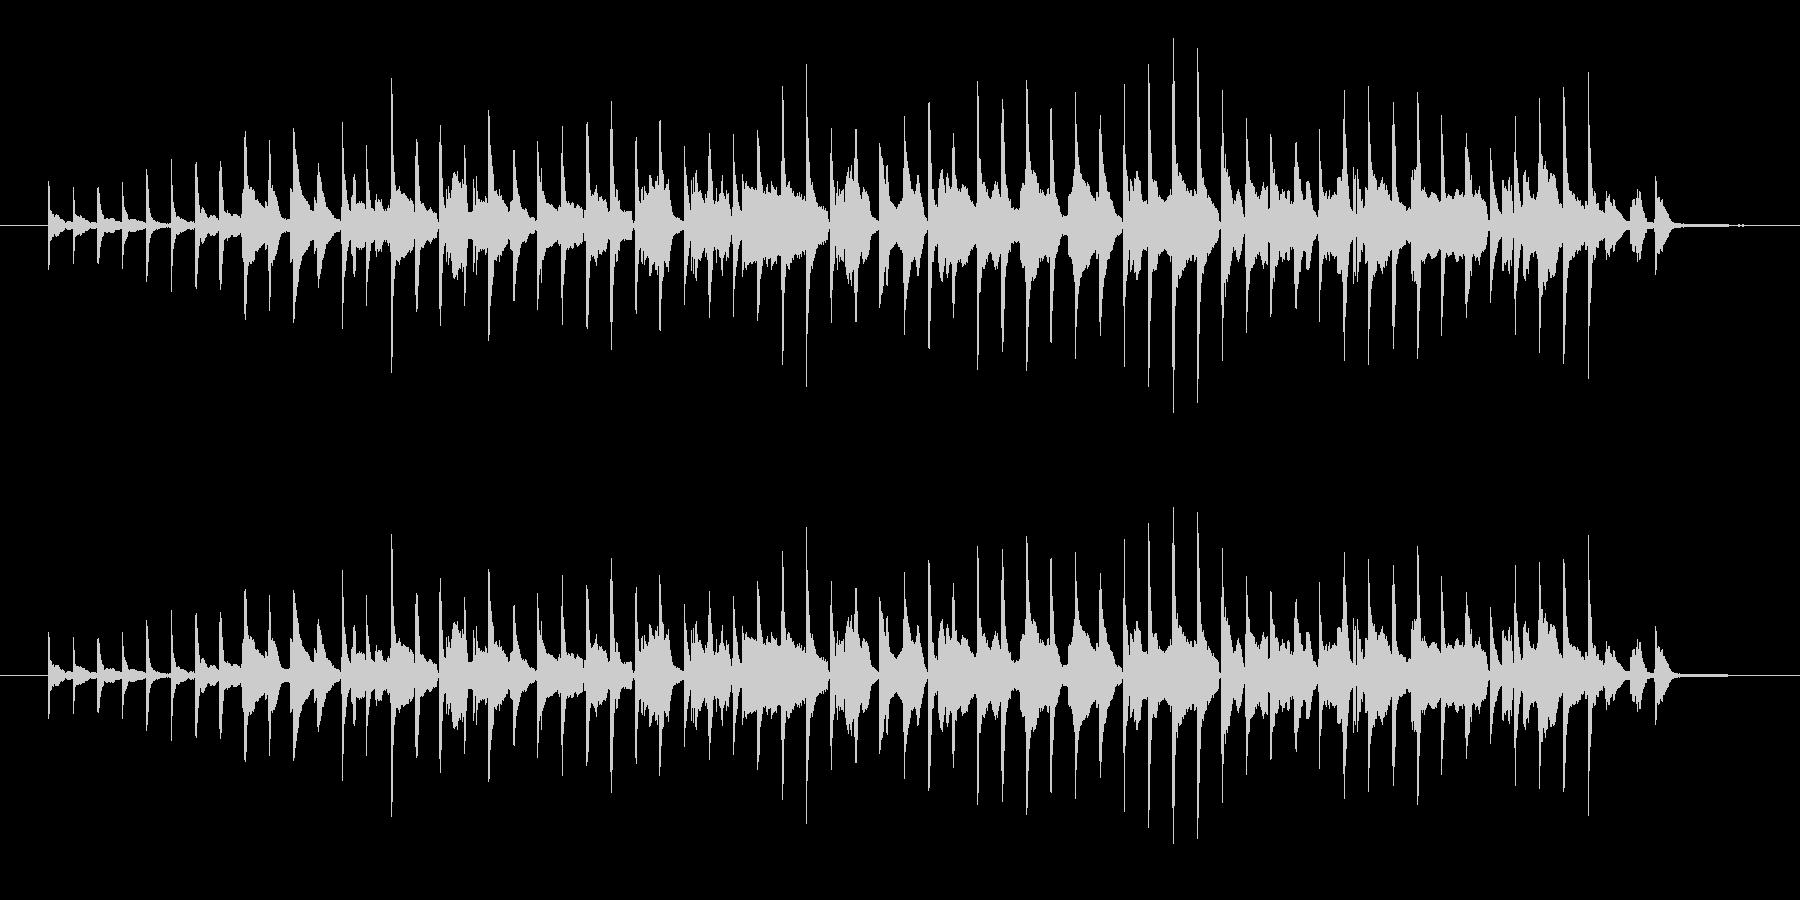 ピアノとサックスだけの曲です。景色プラ…の未再生の波形